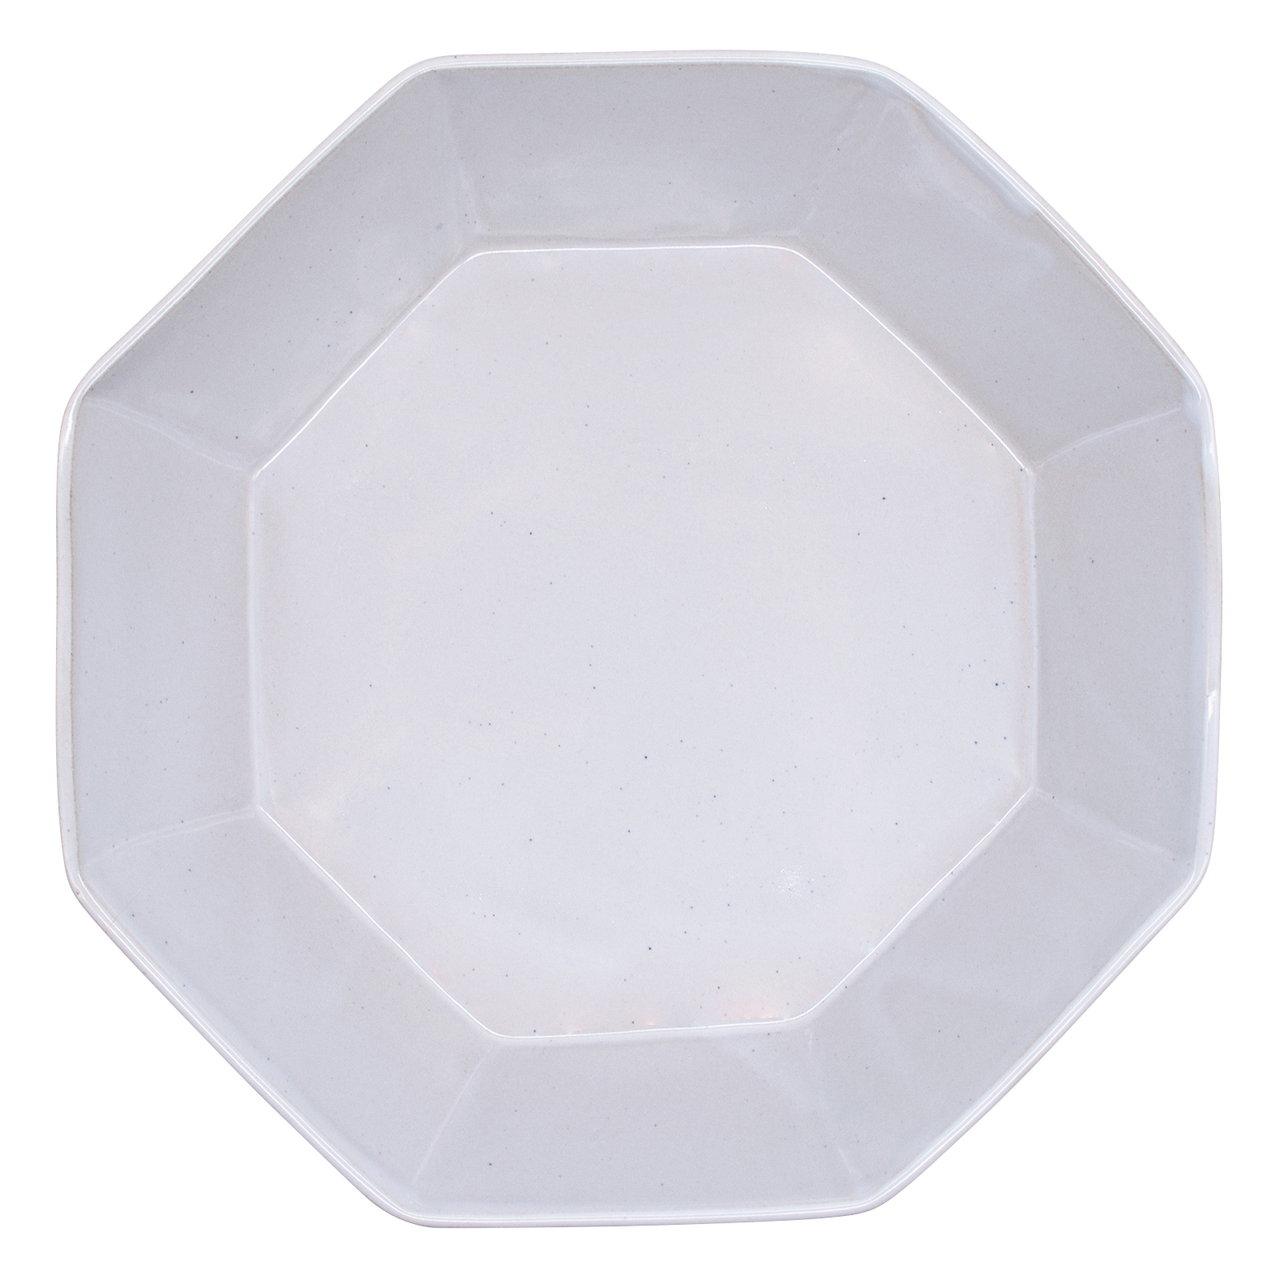 笠間焼 向山窯 オクタン パスタ皿 プレート L 約22cm グレー 255701